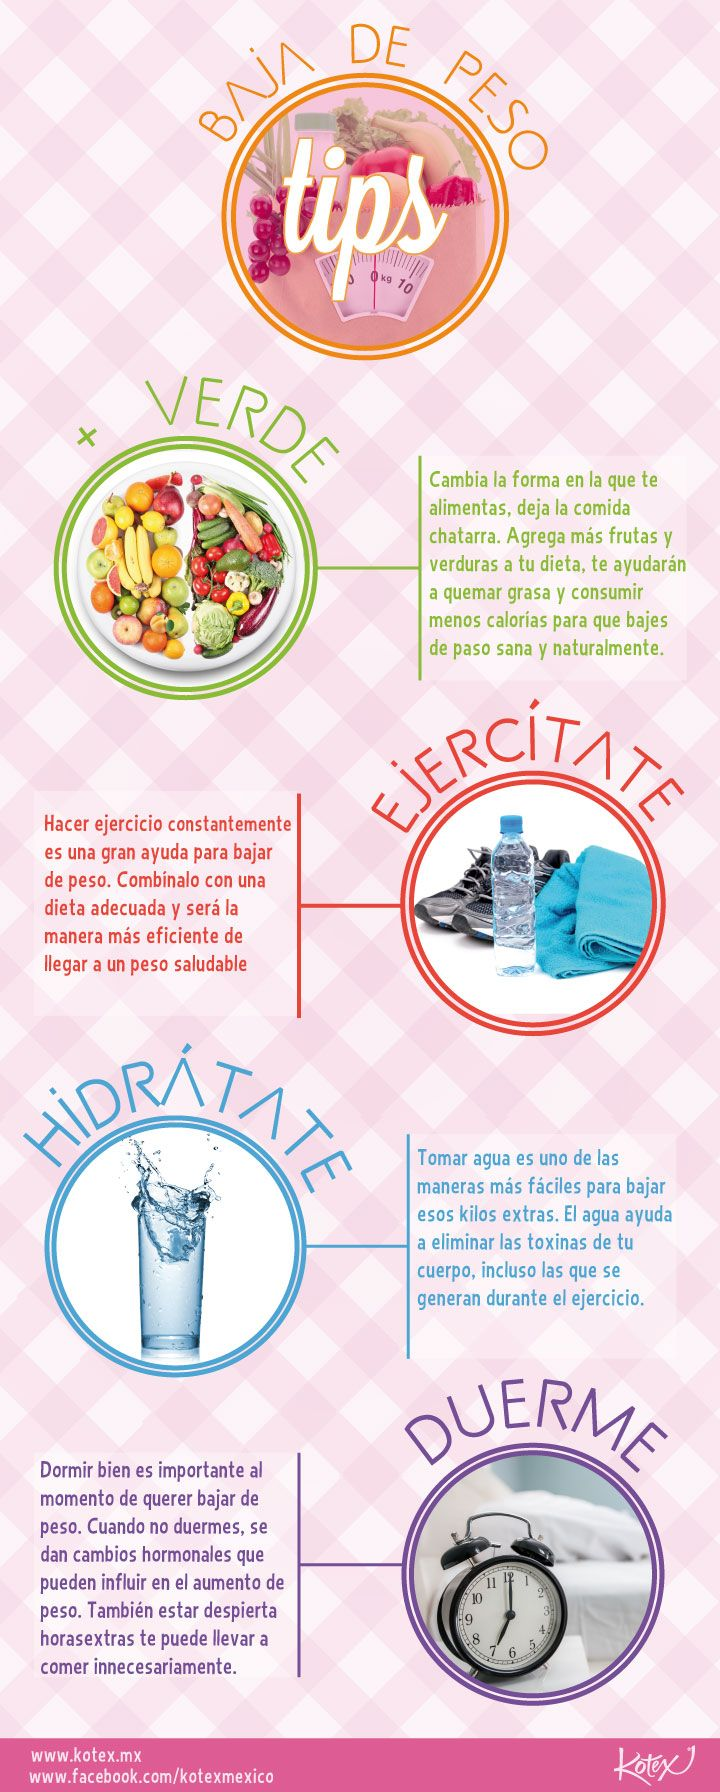 como llevar una vida saludable y bajar de peso